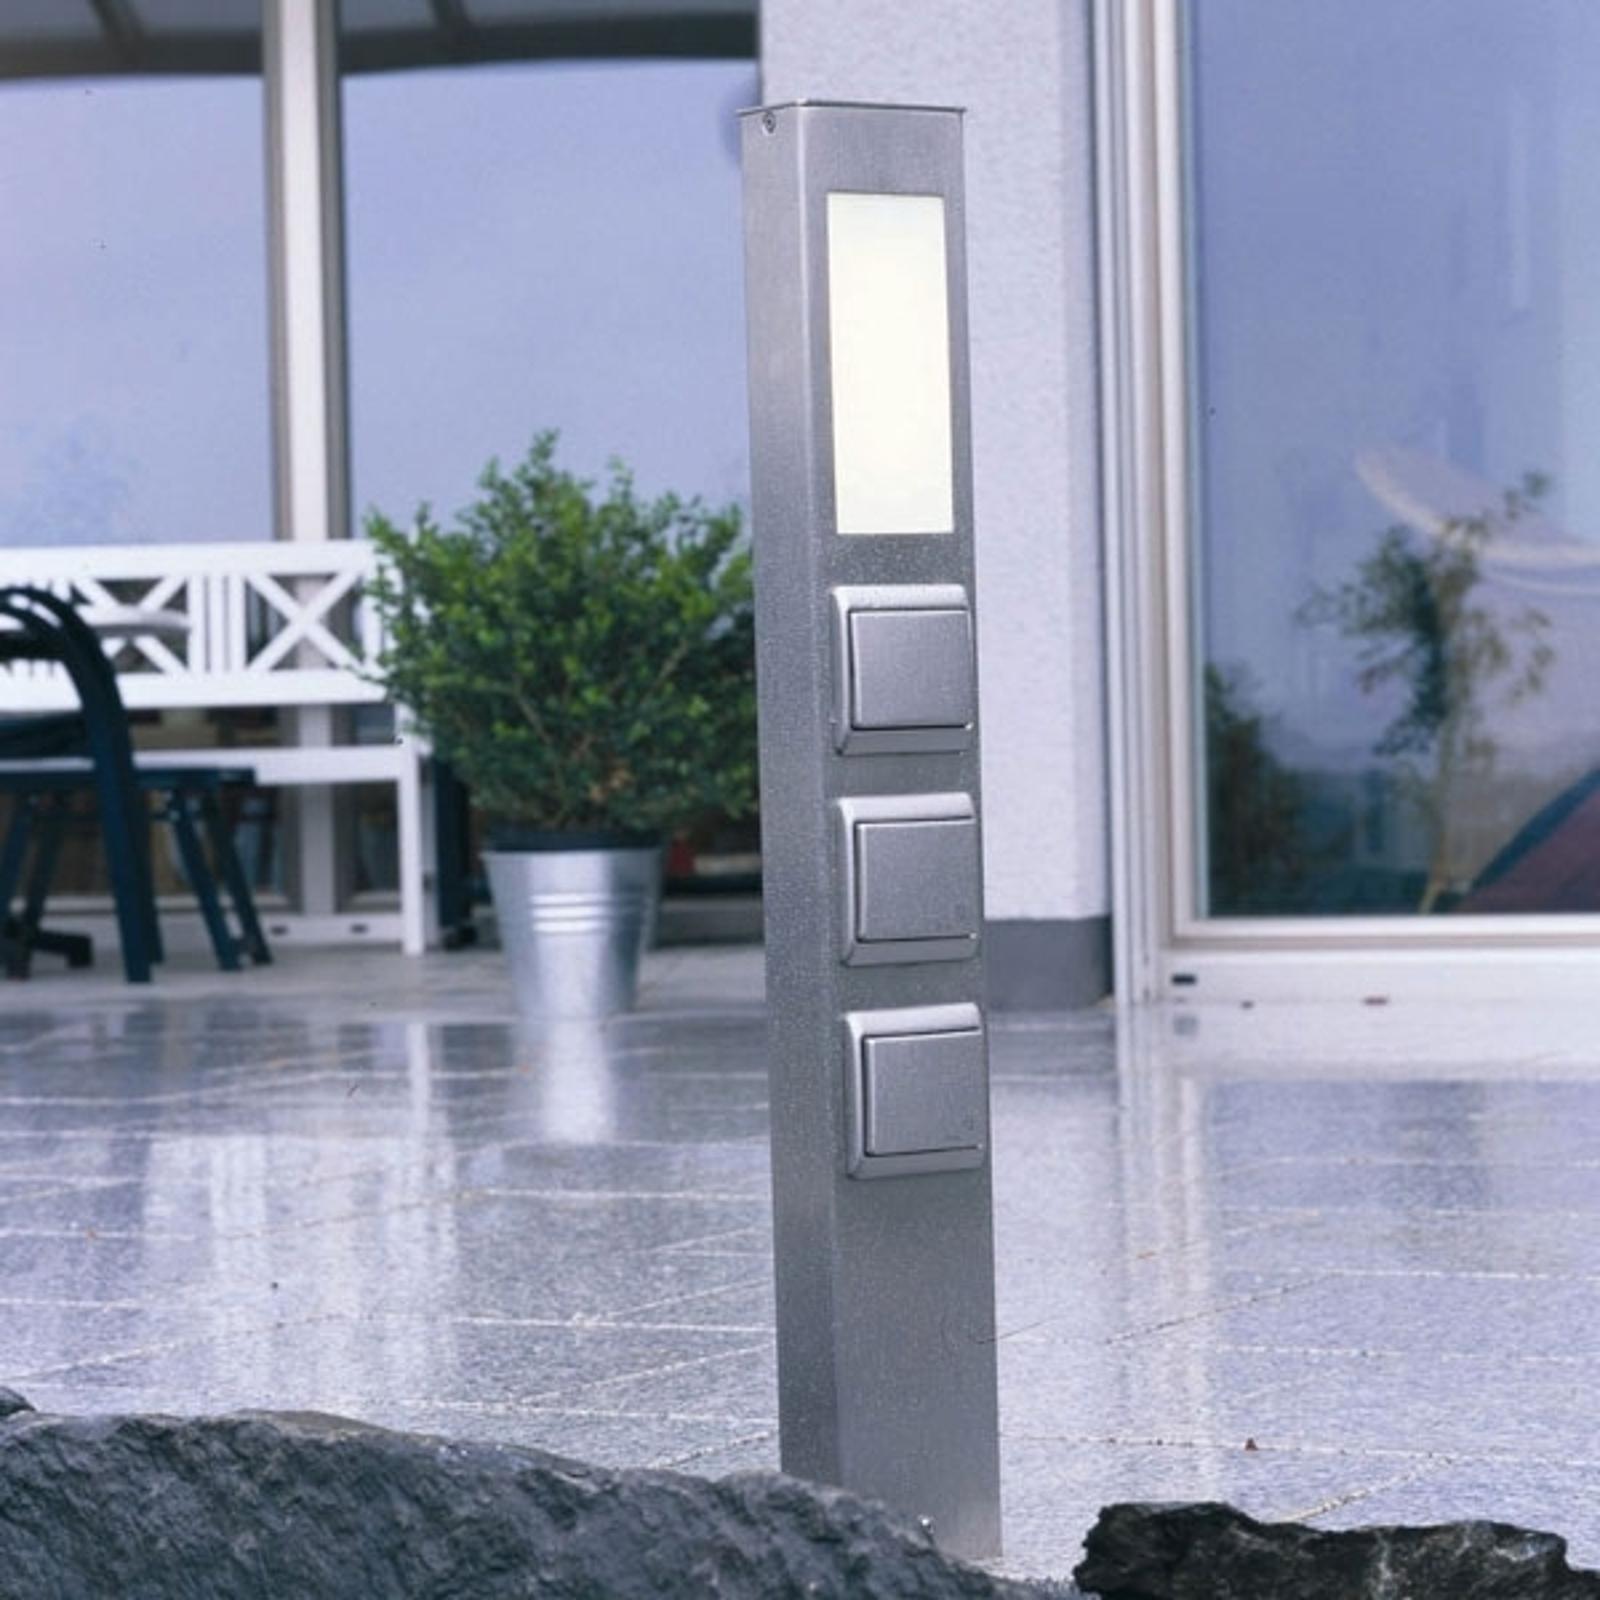 Licht- und Steckdosensäule mit Schutzart IP44